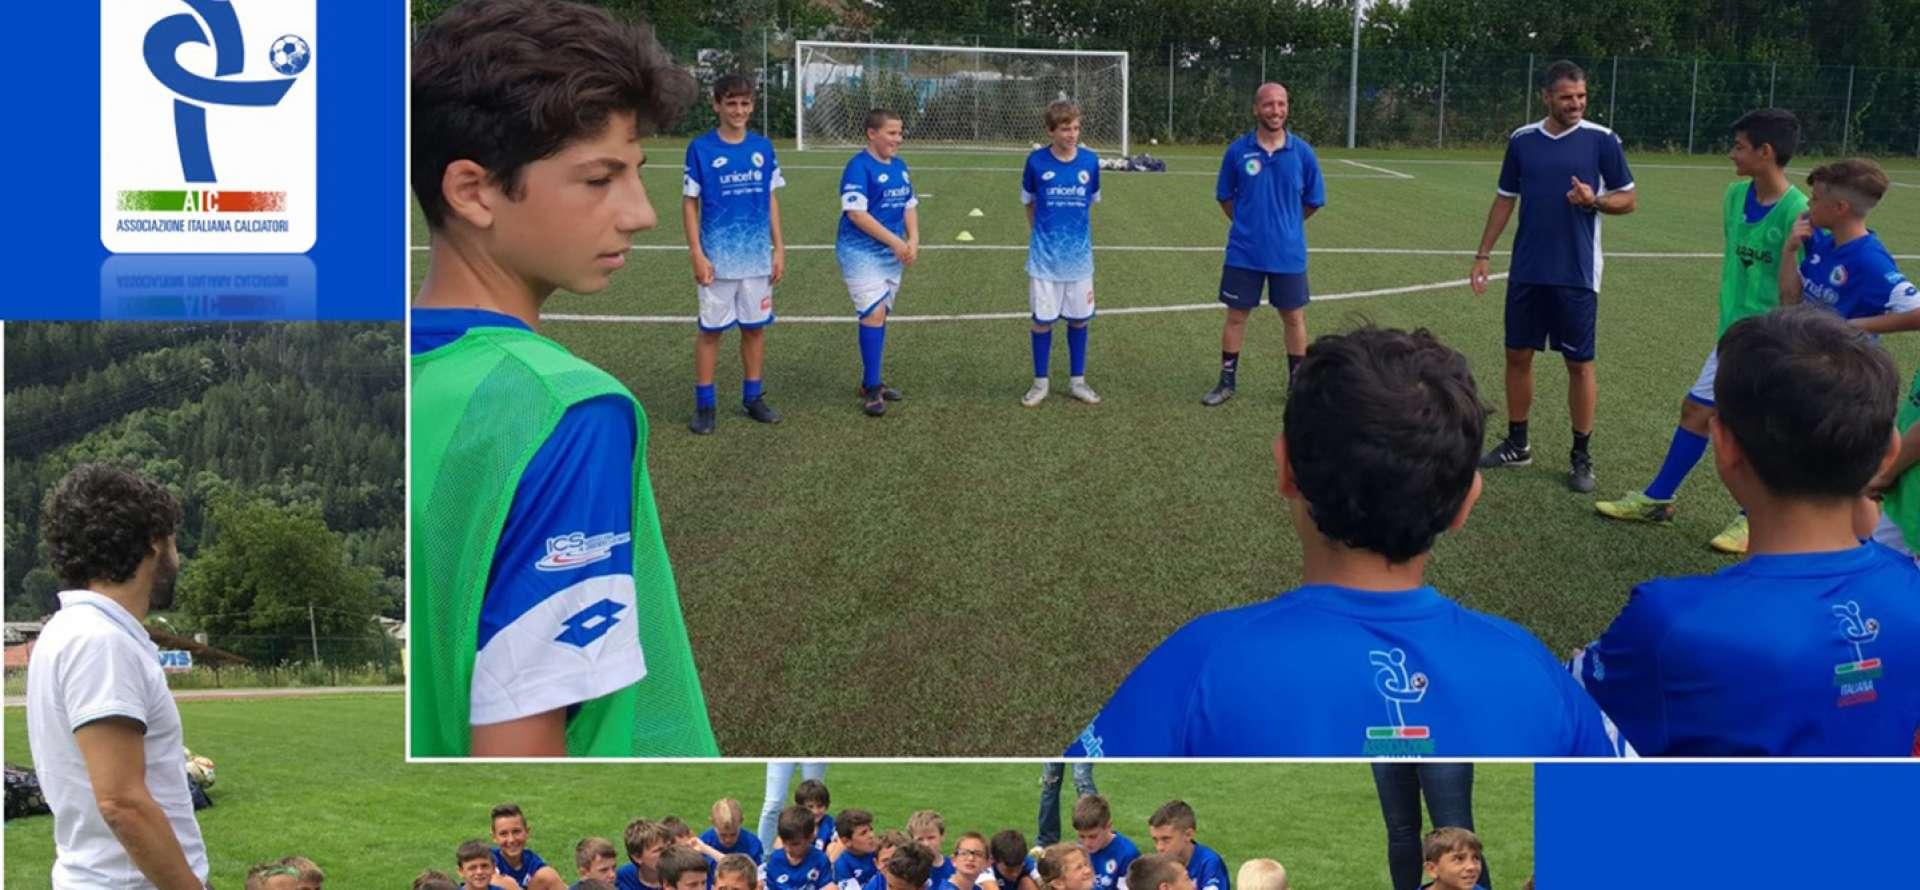 Damiano Tommasi, Simone Perrotta, AIC, Associazione Italiana Calciatori, Dipartimento Junior AIC